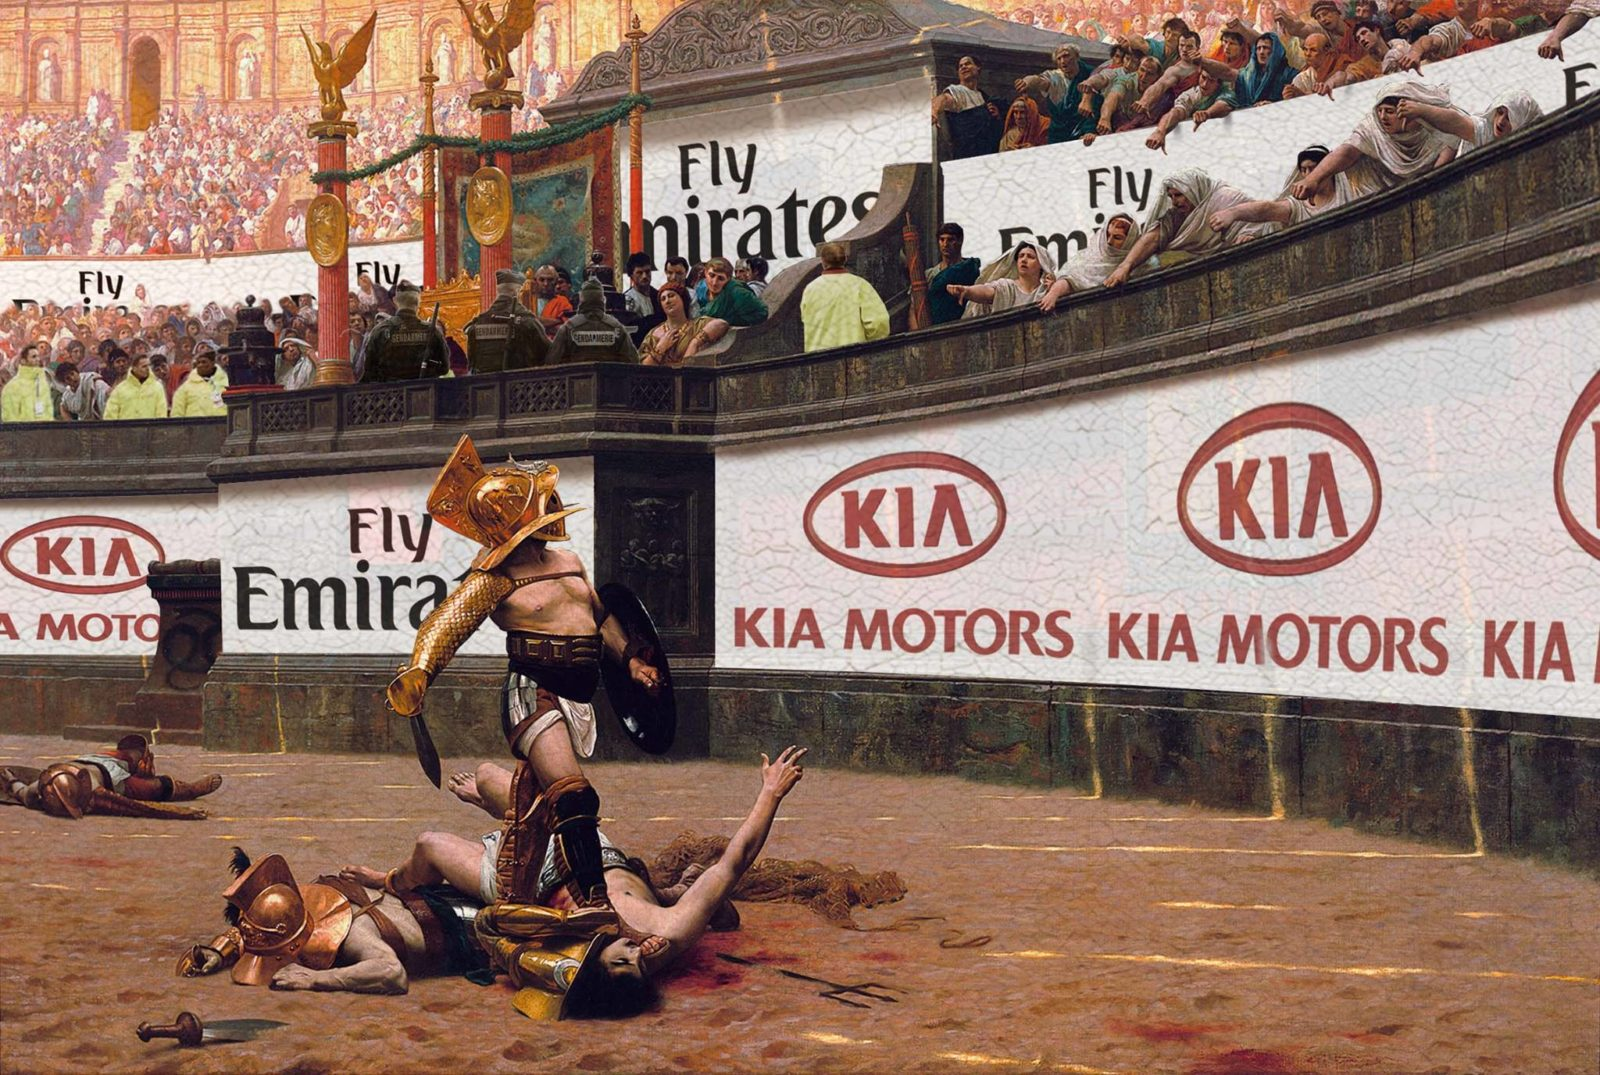 kia flyemirates gladiateurs thorislausset detournement tableau peintureclassique - Painting update : les peintures classiques revisitées avec beaucoup d'humour et de modernité